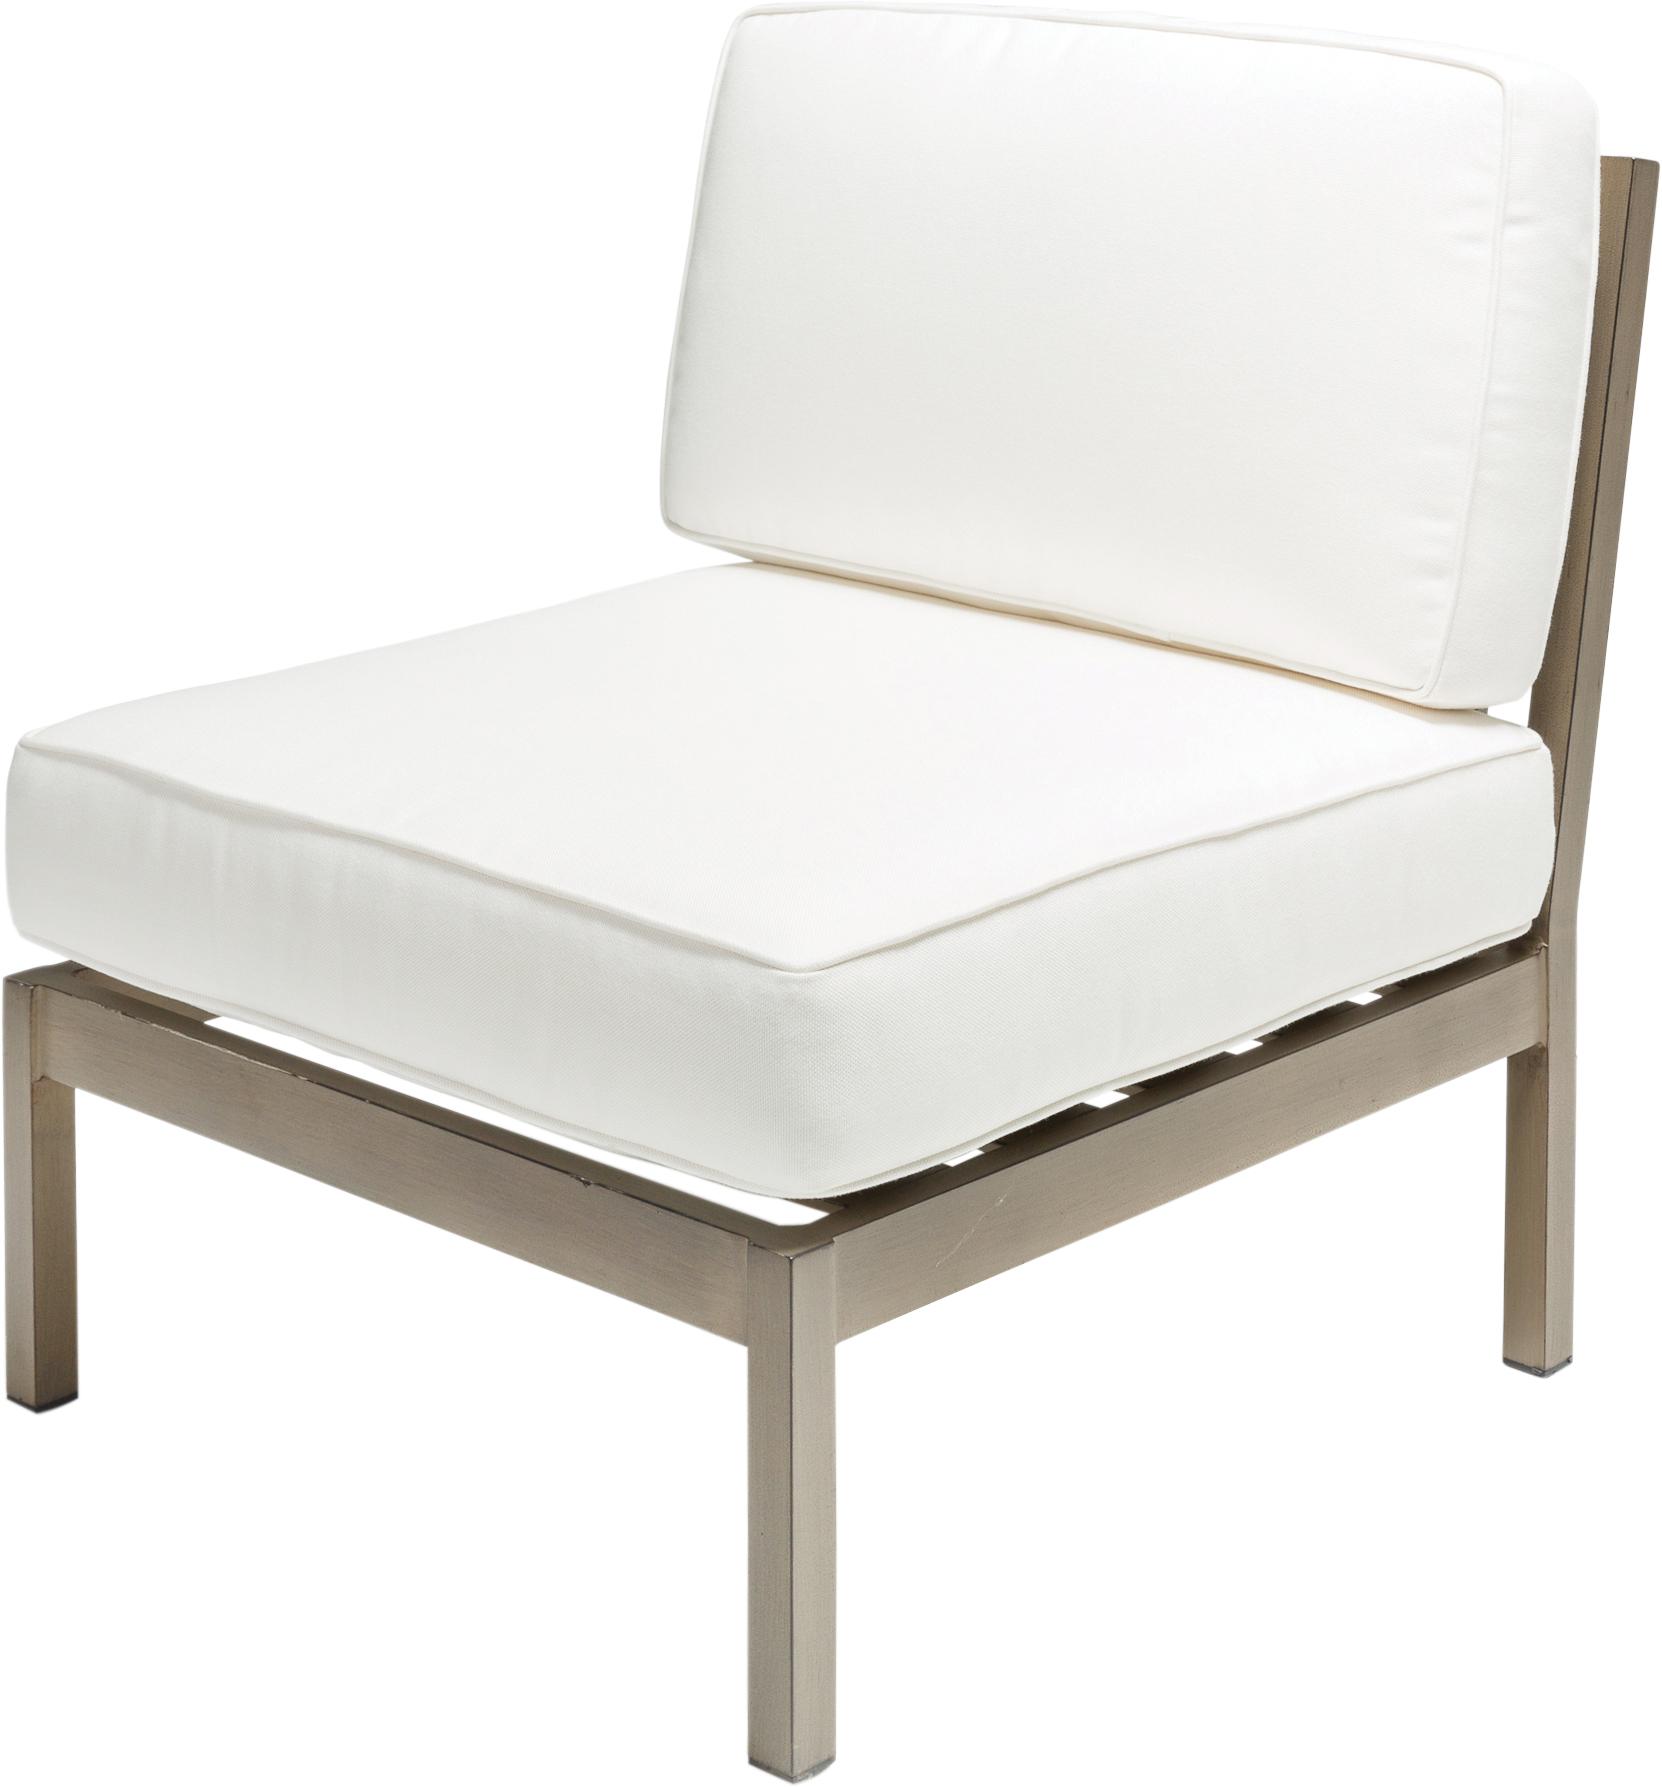 Avalon Sectional Armless Chair